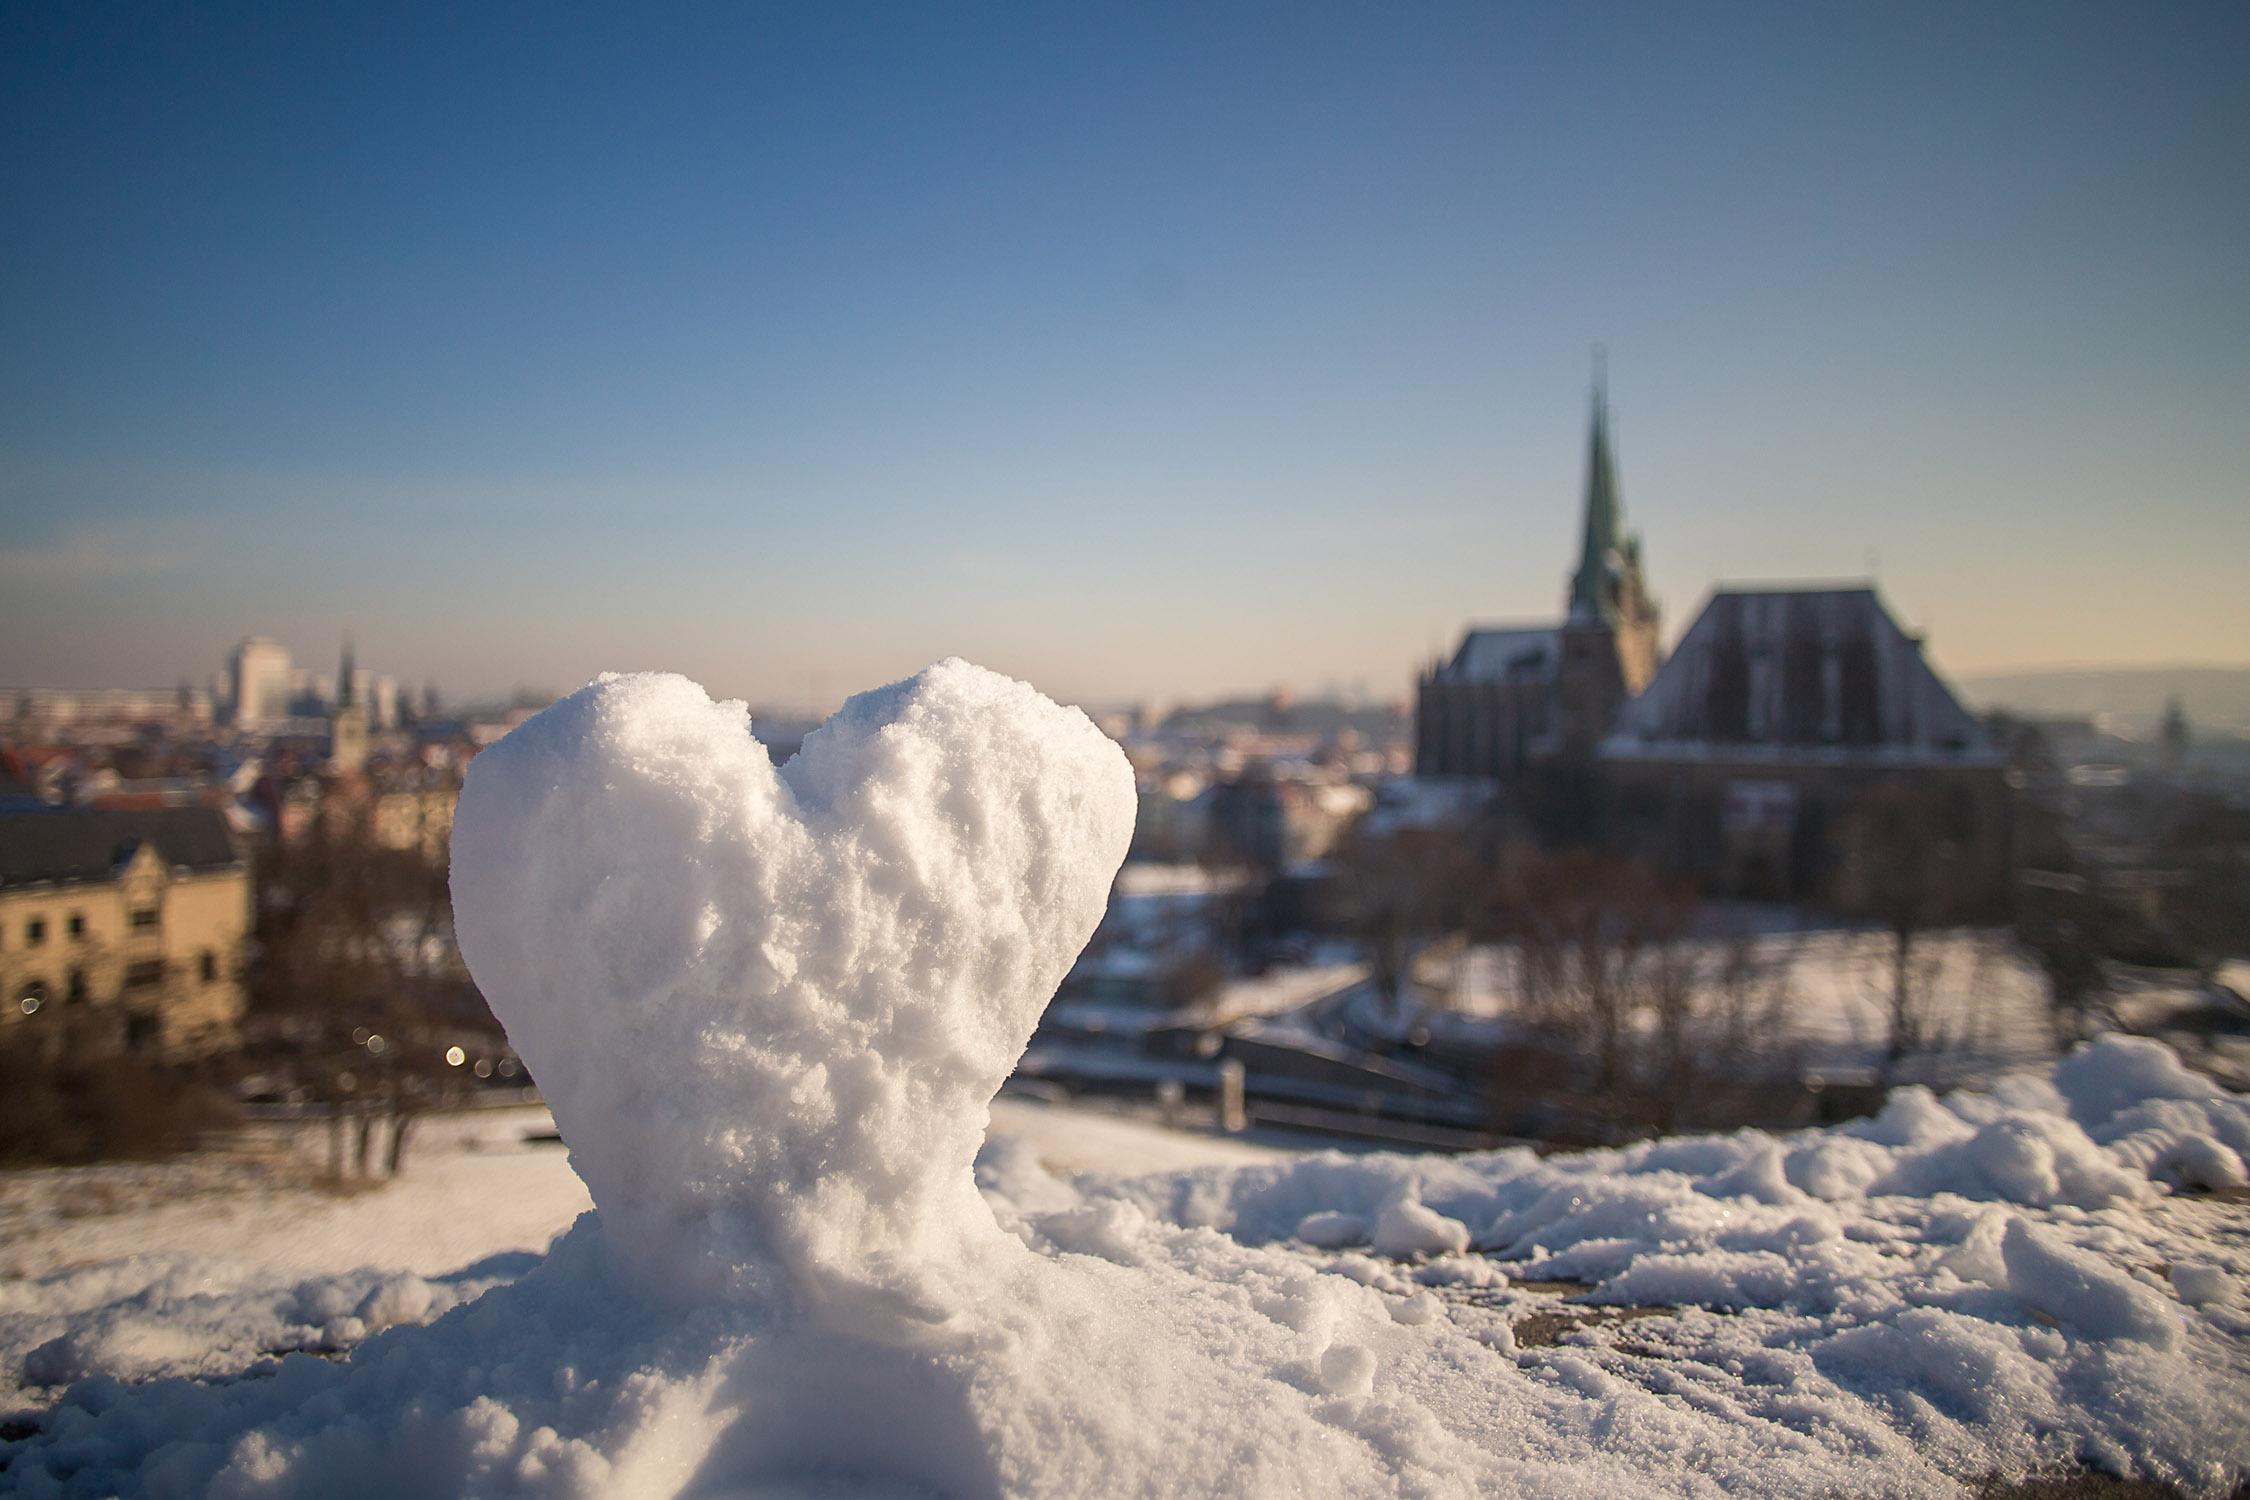 Valentinstag in Erfurt, einen romantischen Tag in der Glashütte